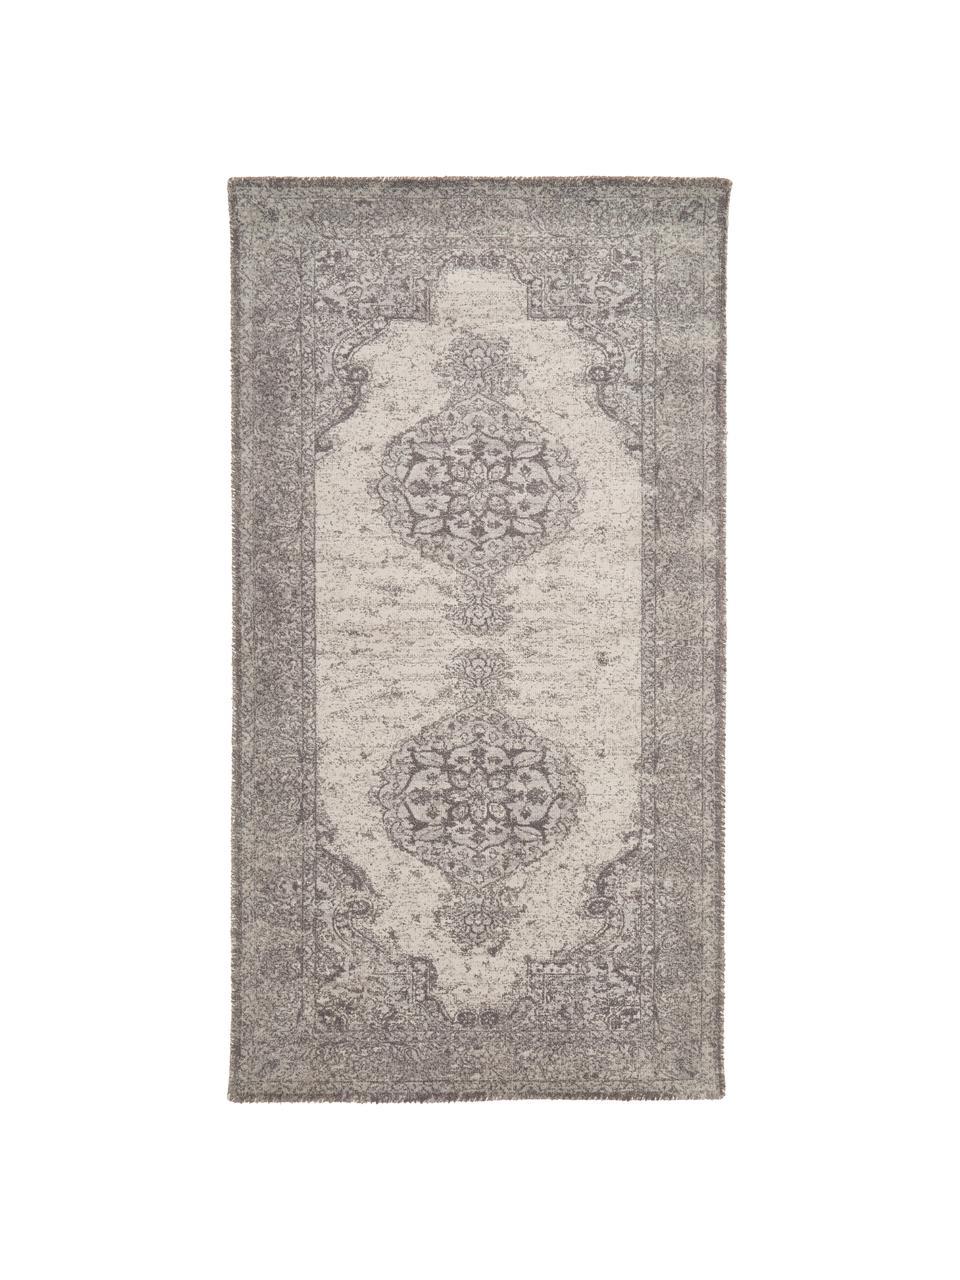 Teppich Elegant im Vintage Style, Flor: 100% Nylon, Grau, B 80 x L 150 cm (Größe XS)